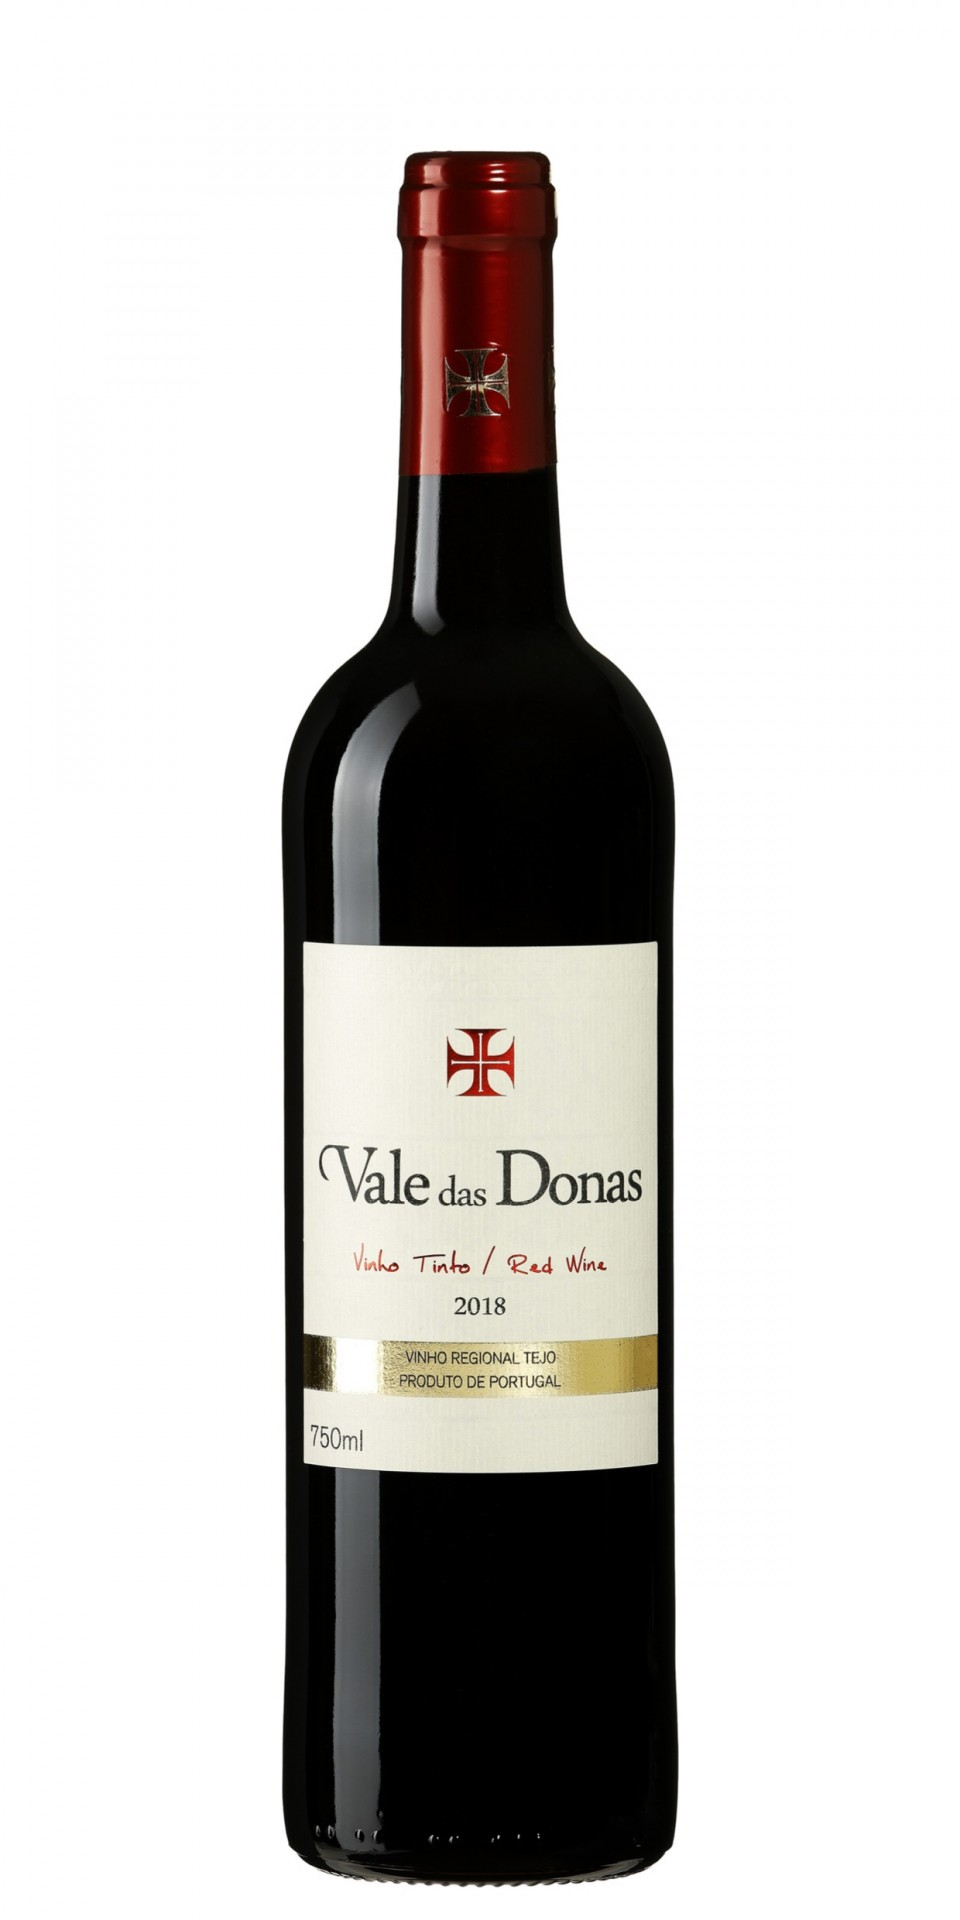 Vale das Donas vinho tinto